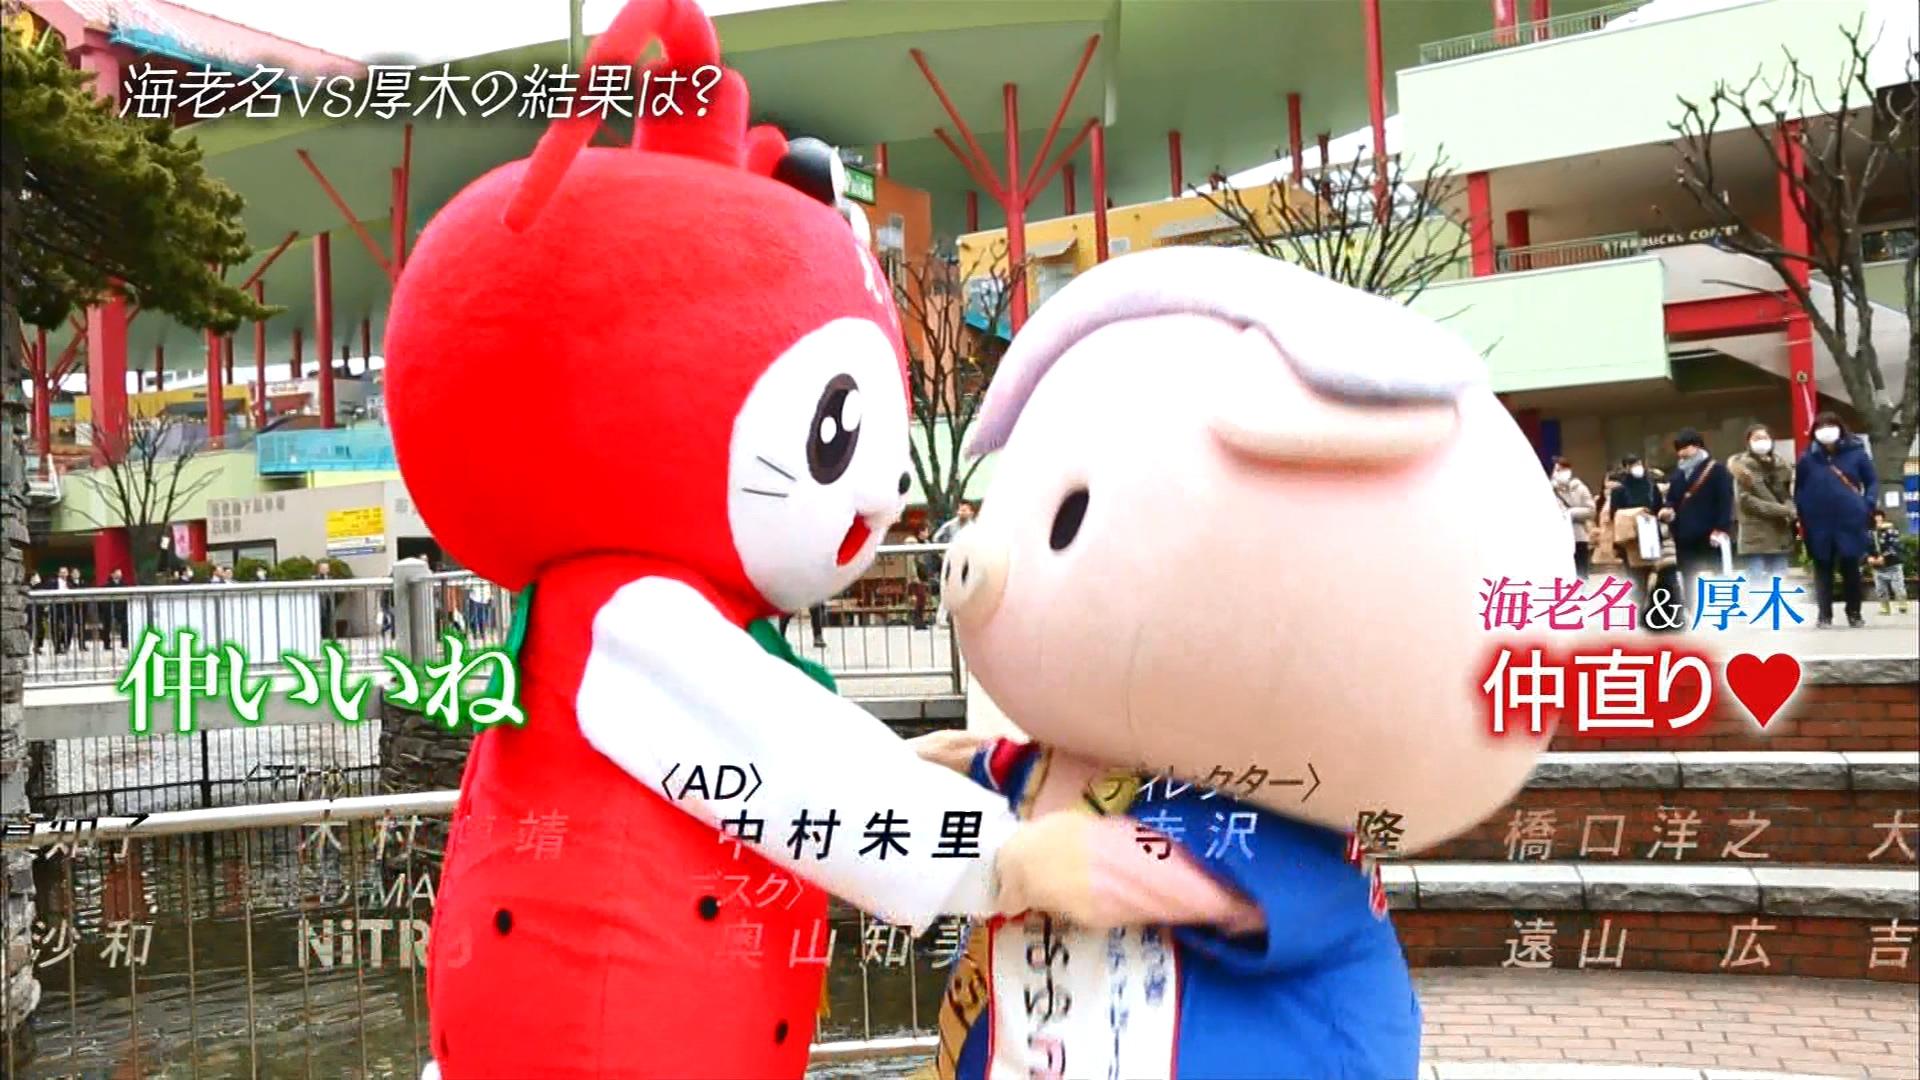 2016.03.13 全場(おしゃれイズム).ts_20160314_013347.231